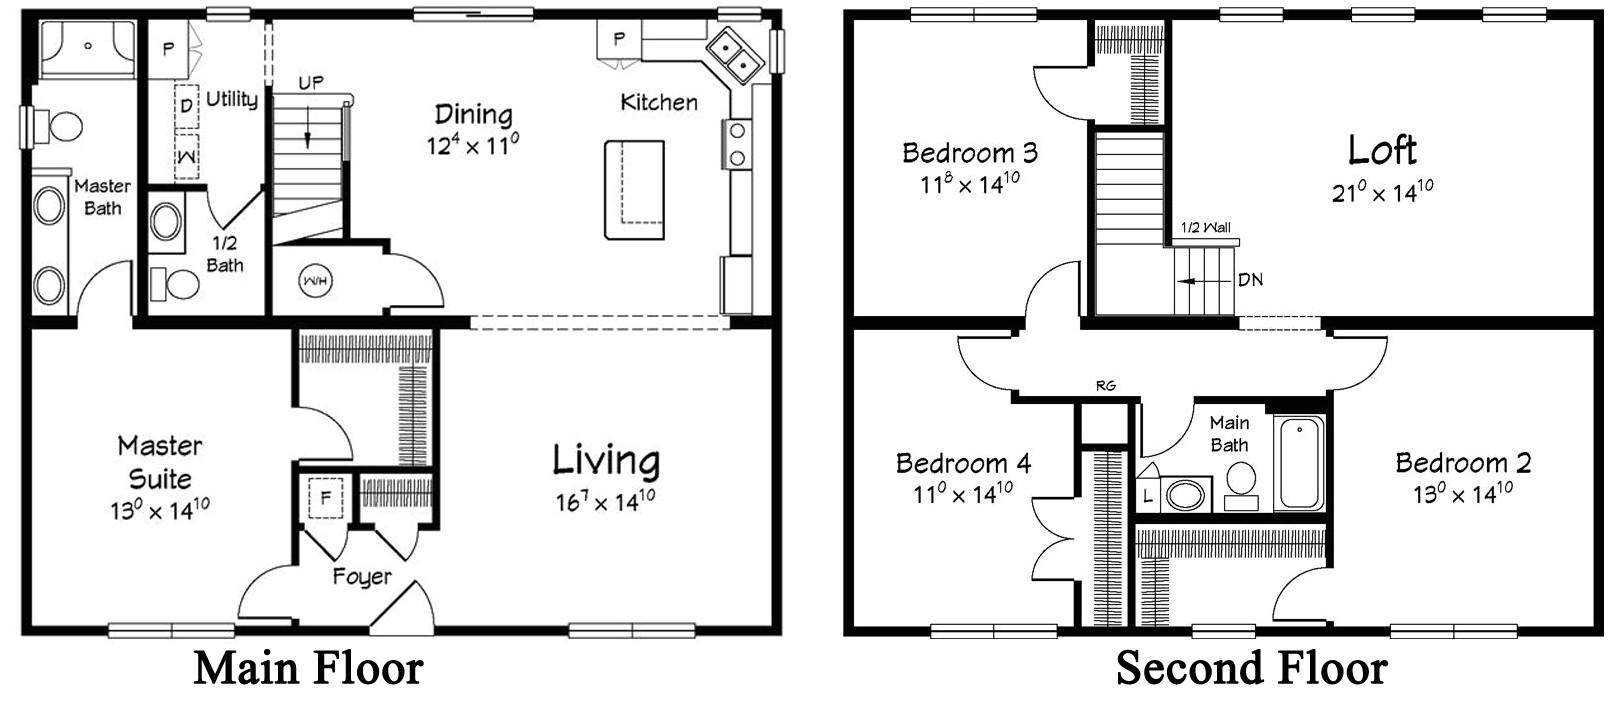 4 bedroom 2 story modular home floor plans